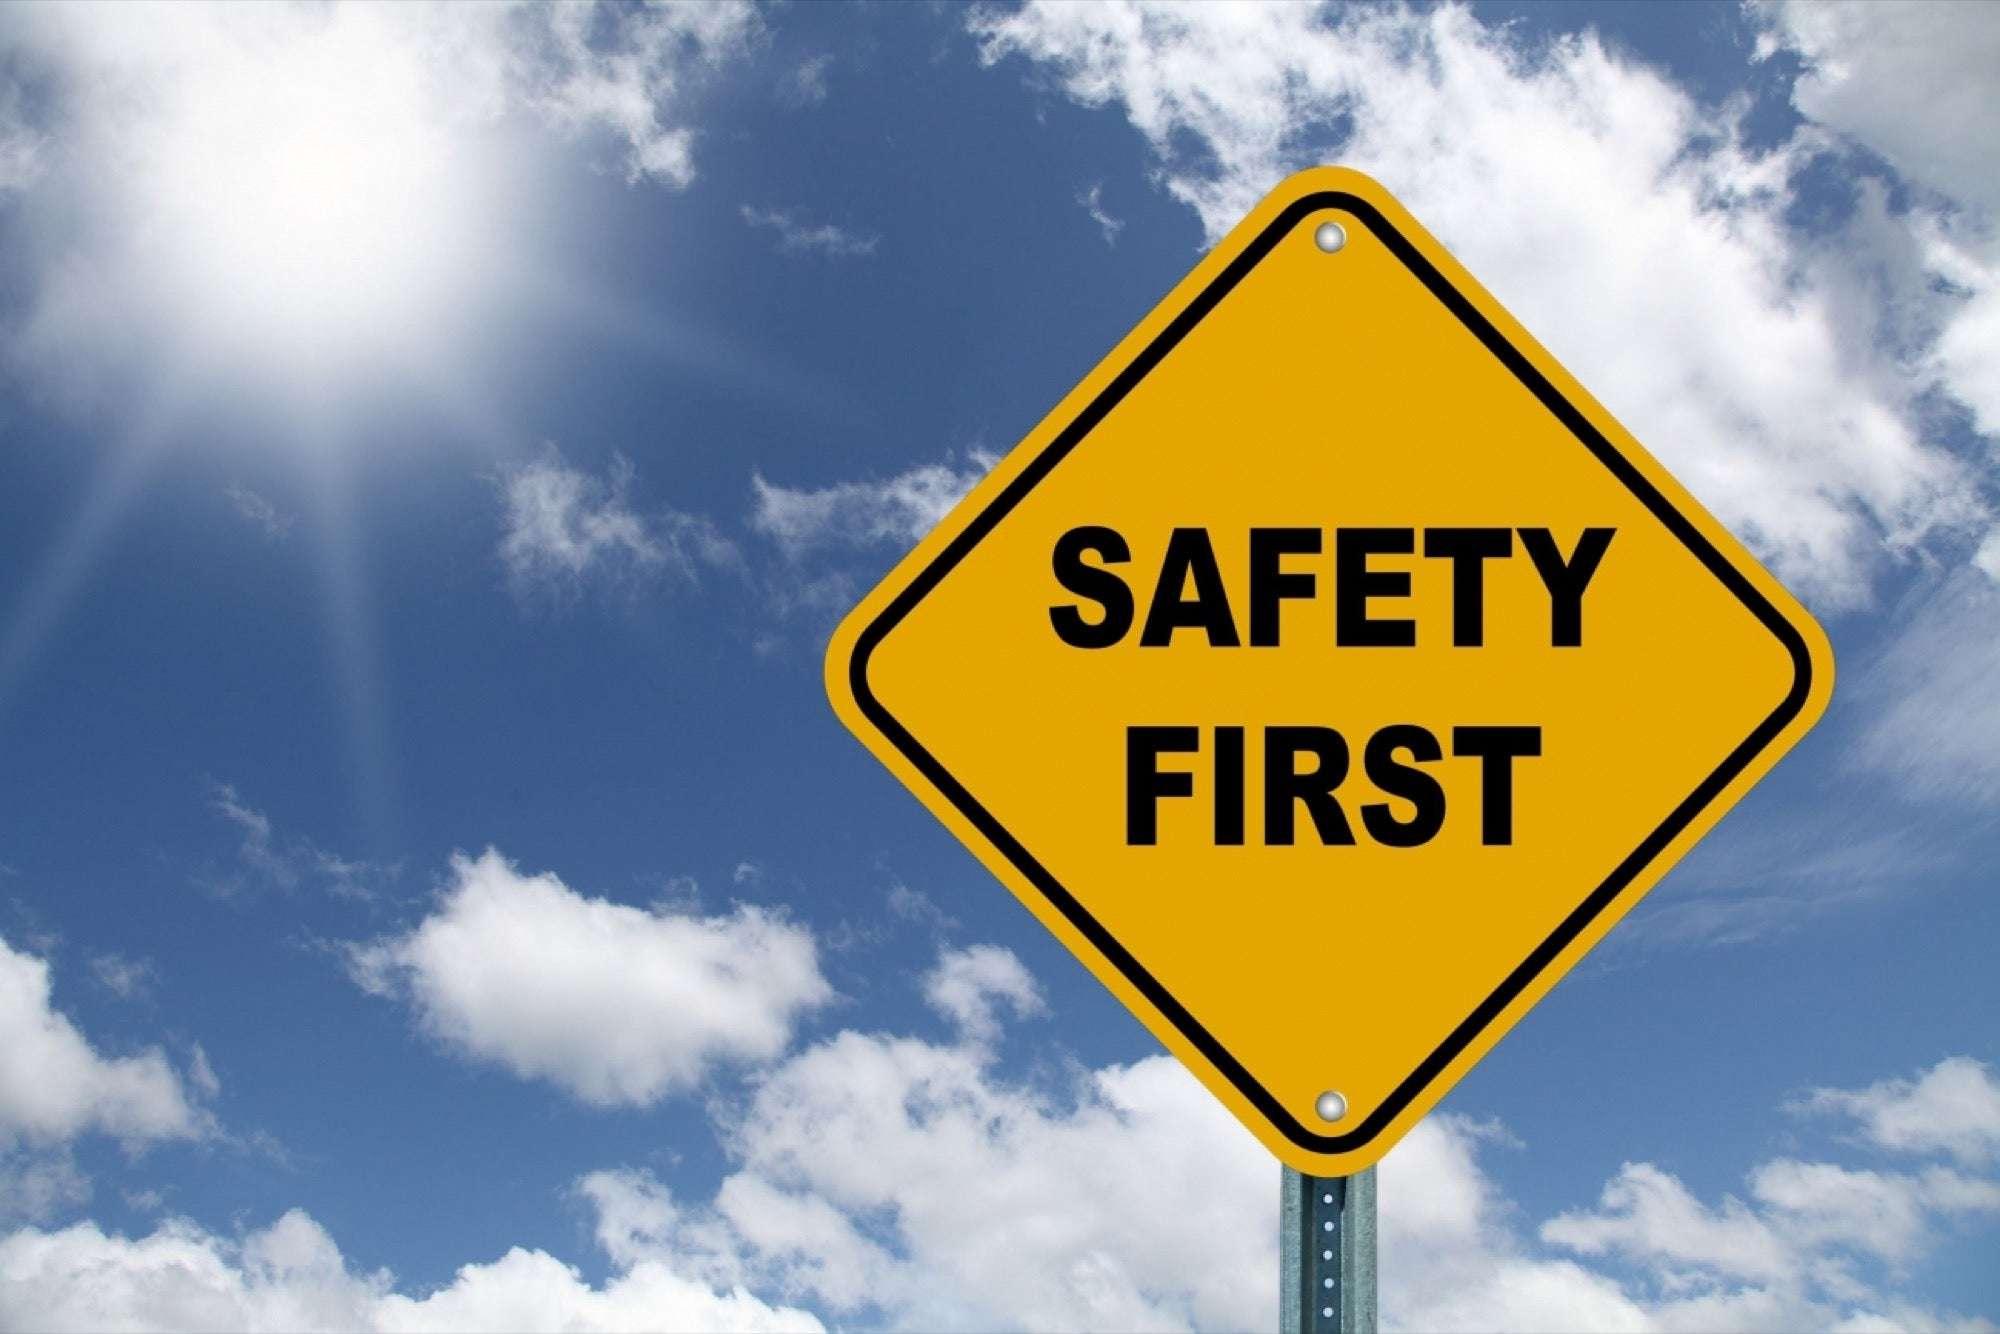 Por que a segurança vem antes, para promover a saúde no trabalho?